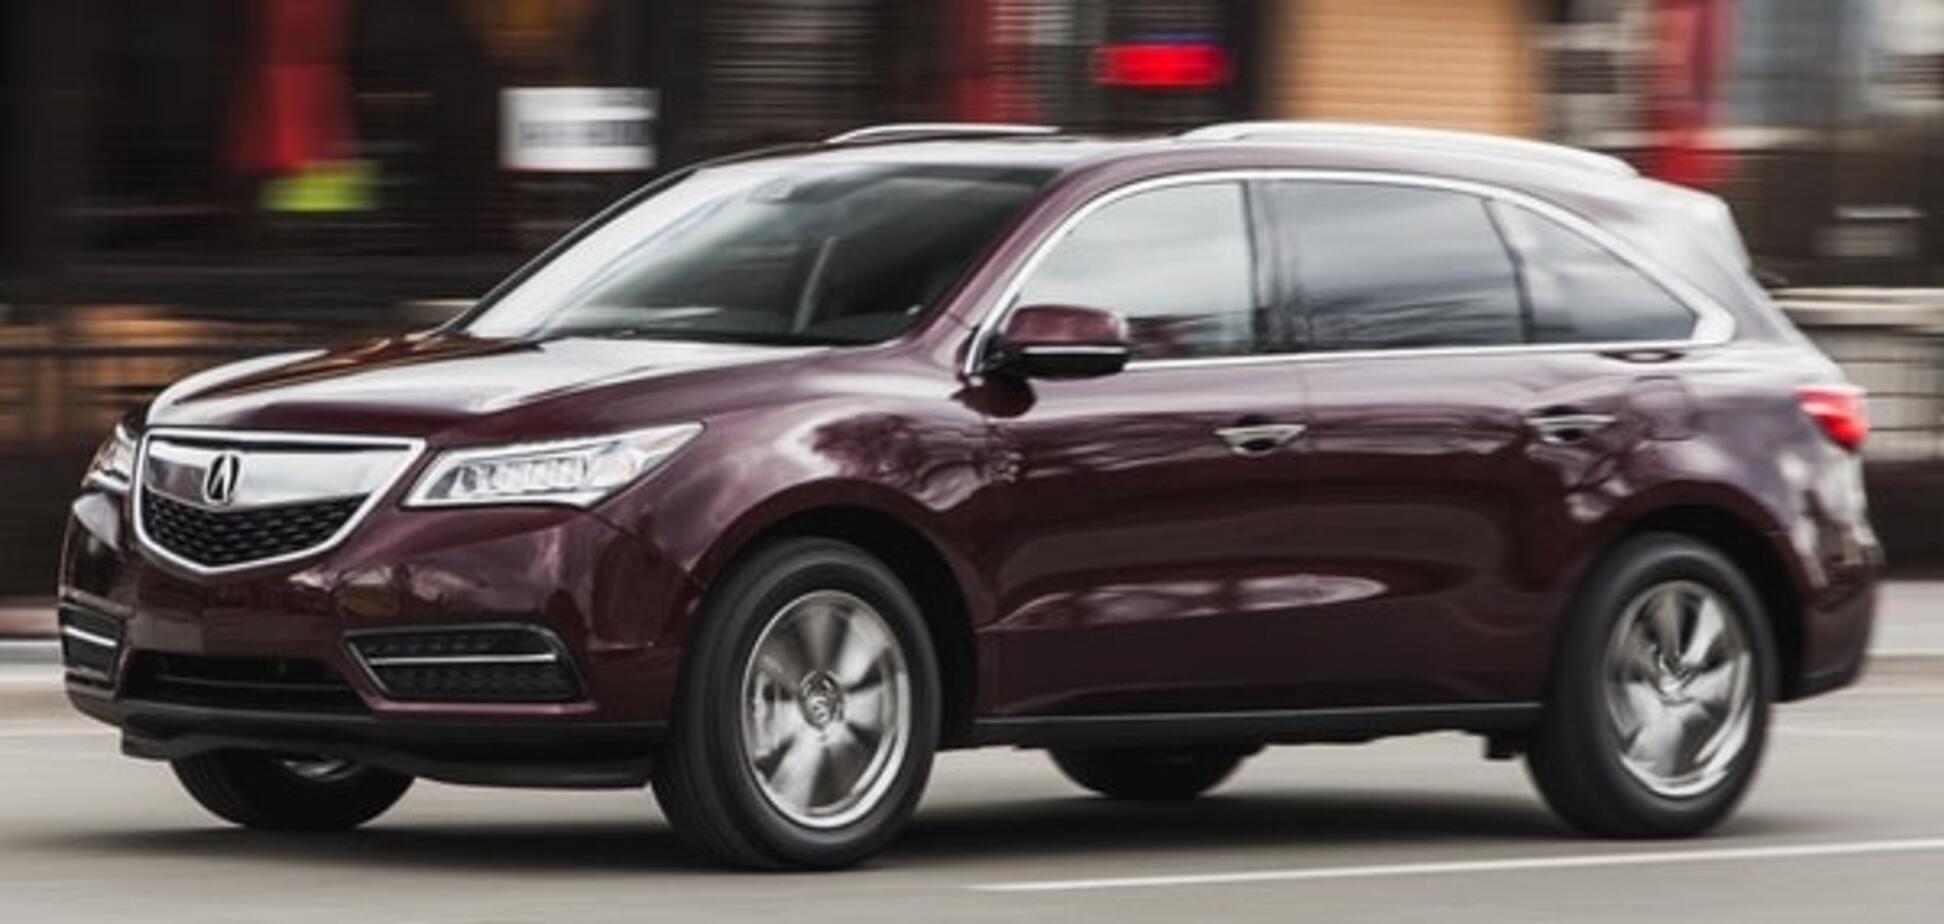 Только Acura: в Киеве 'прописалась' группировка, угоняющая японские авто